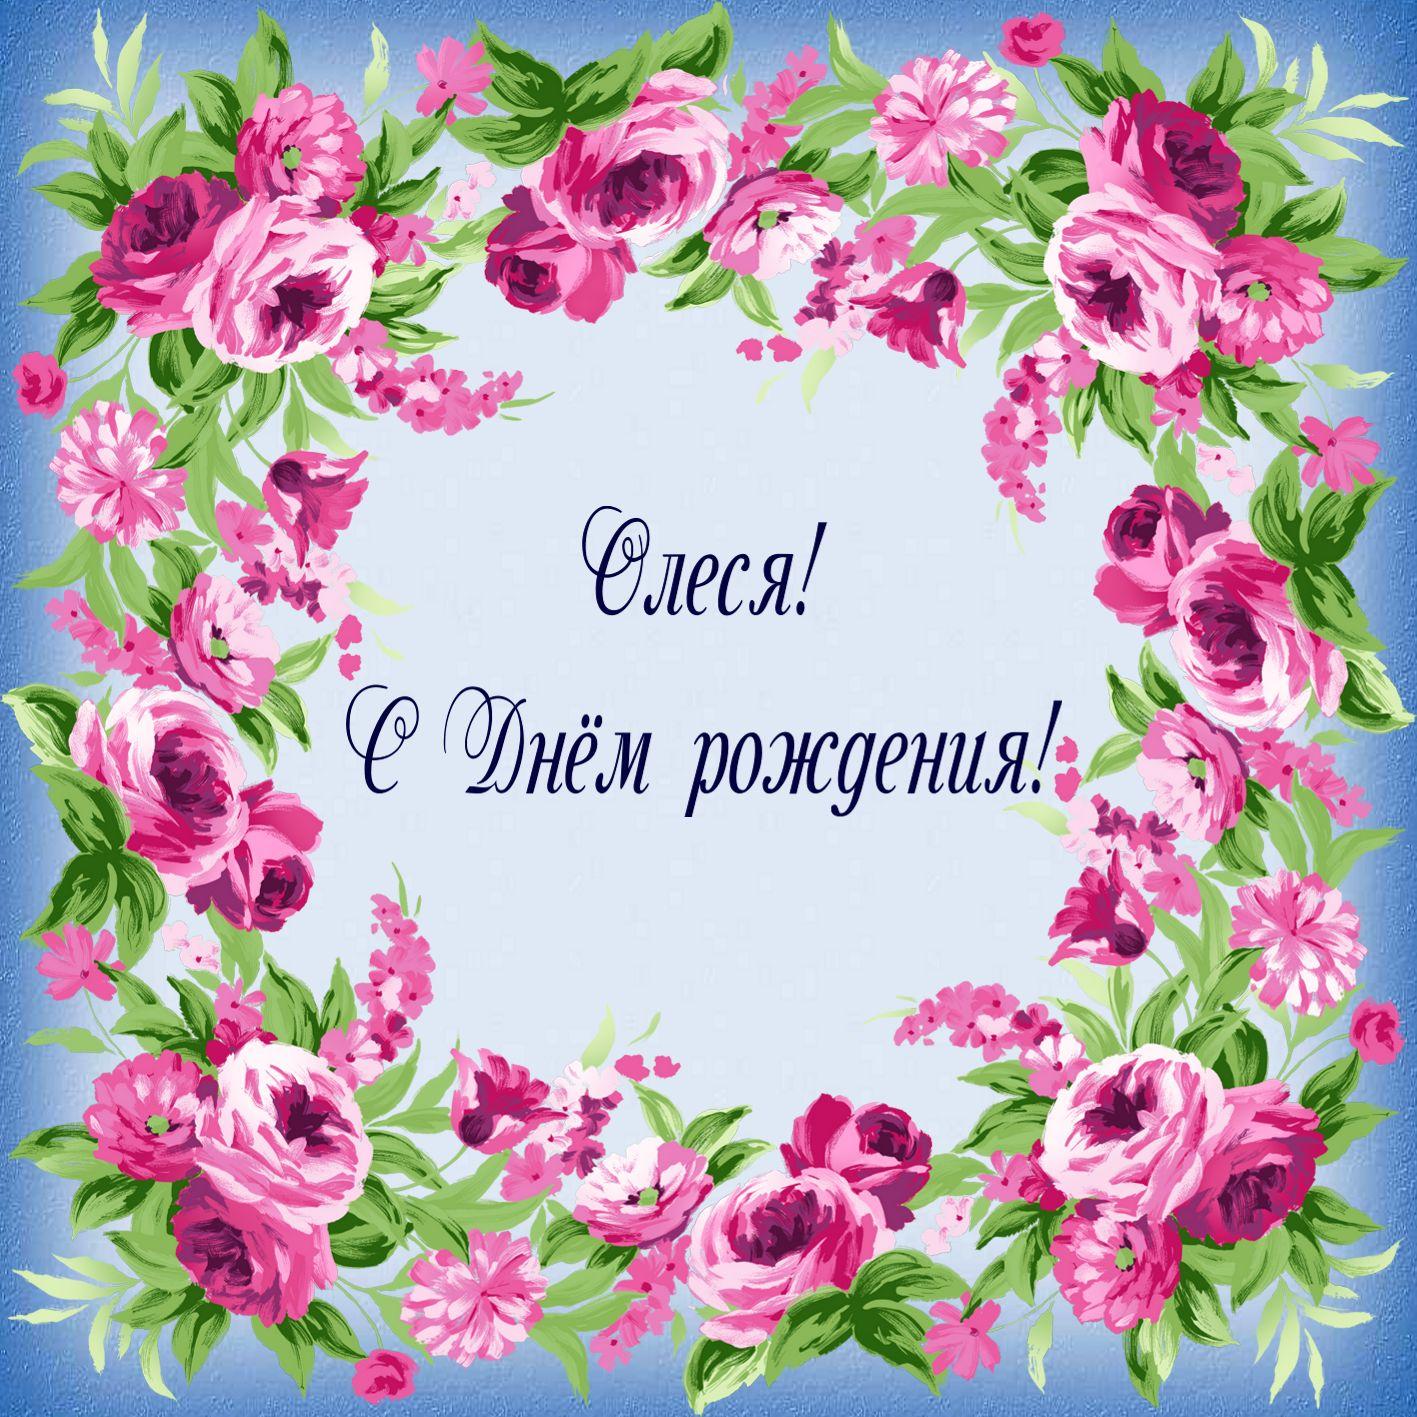 Поздравление для Олеси в рамке из цветов